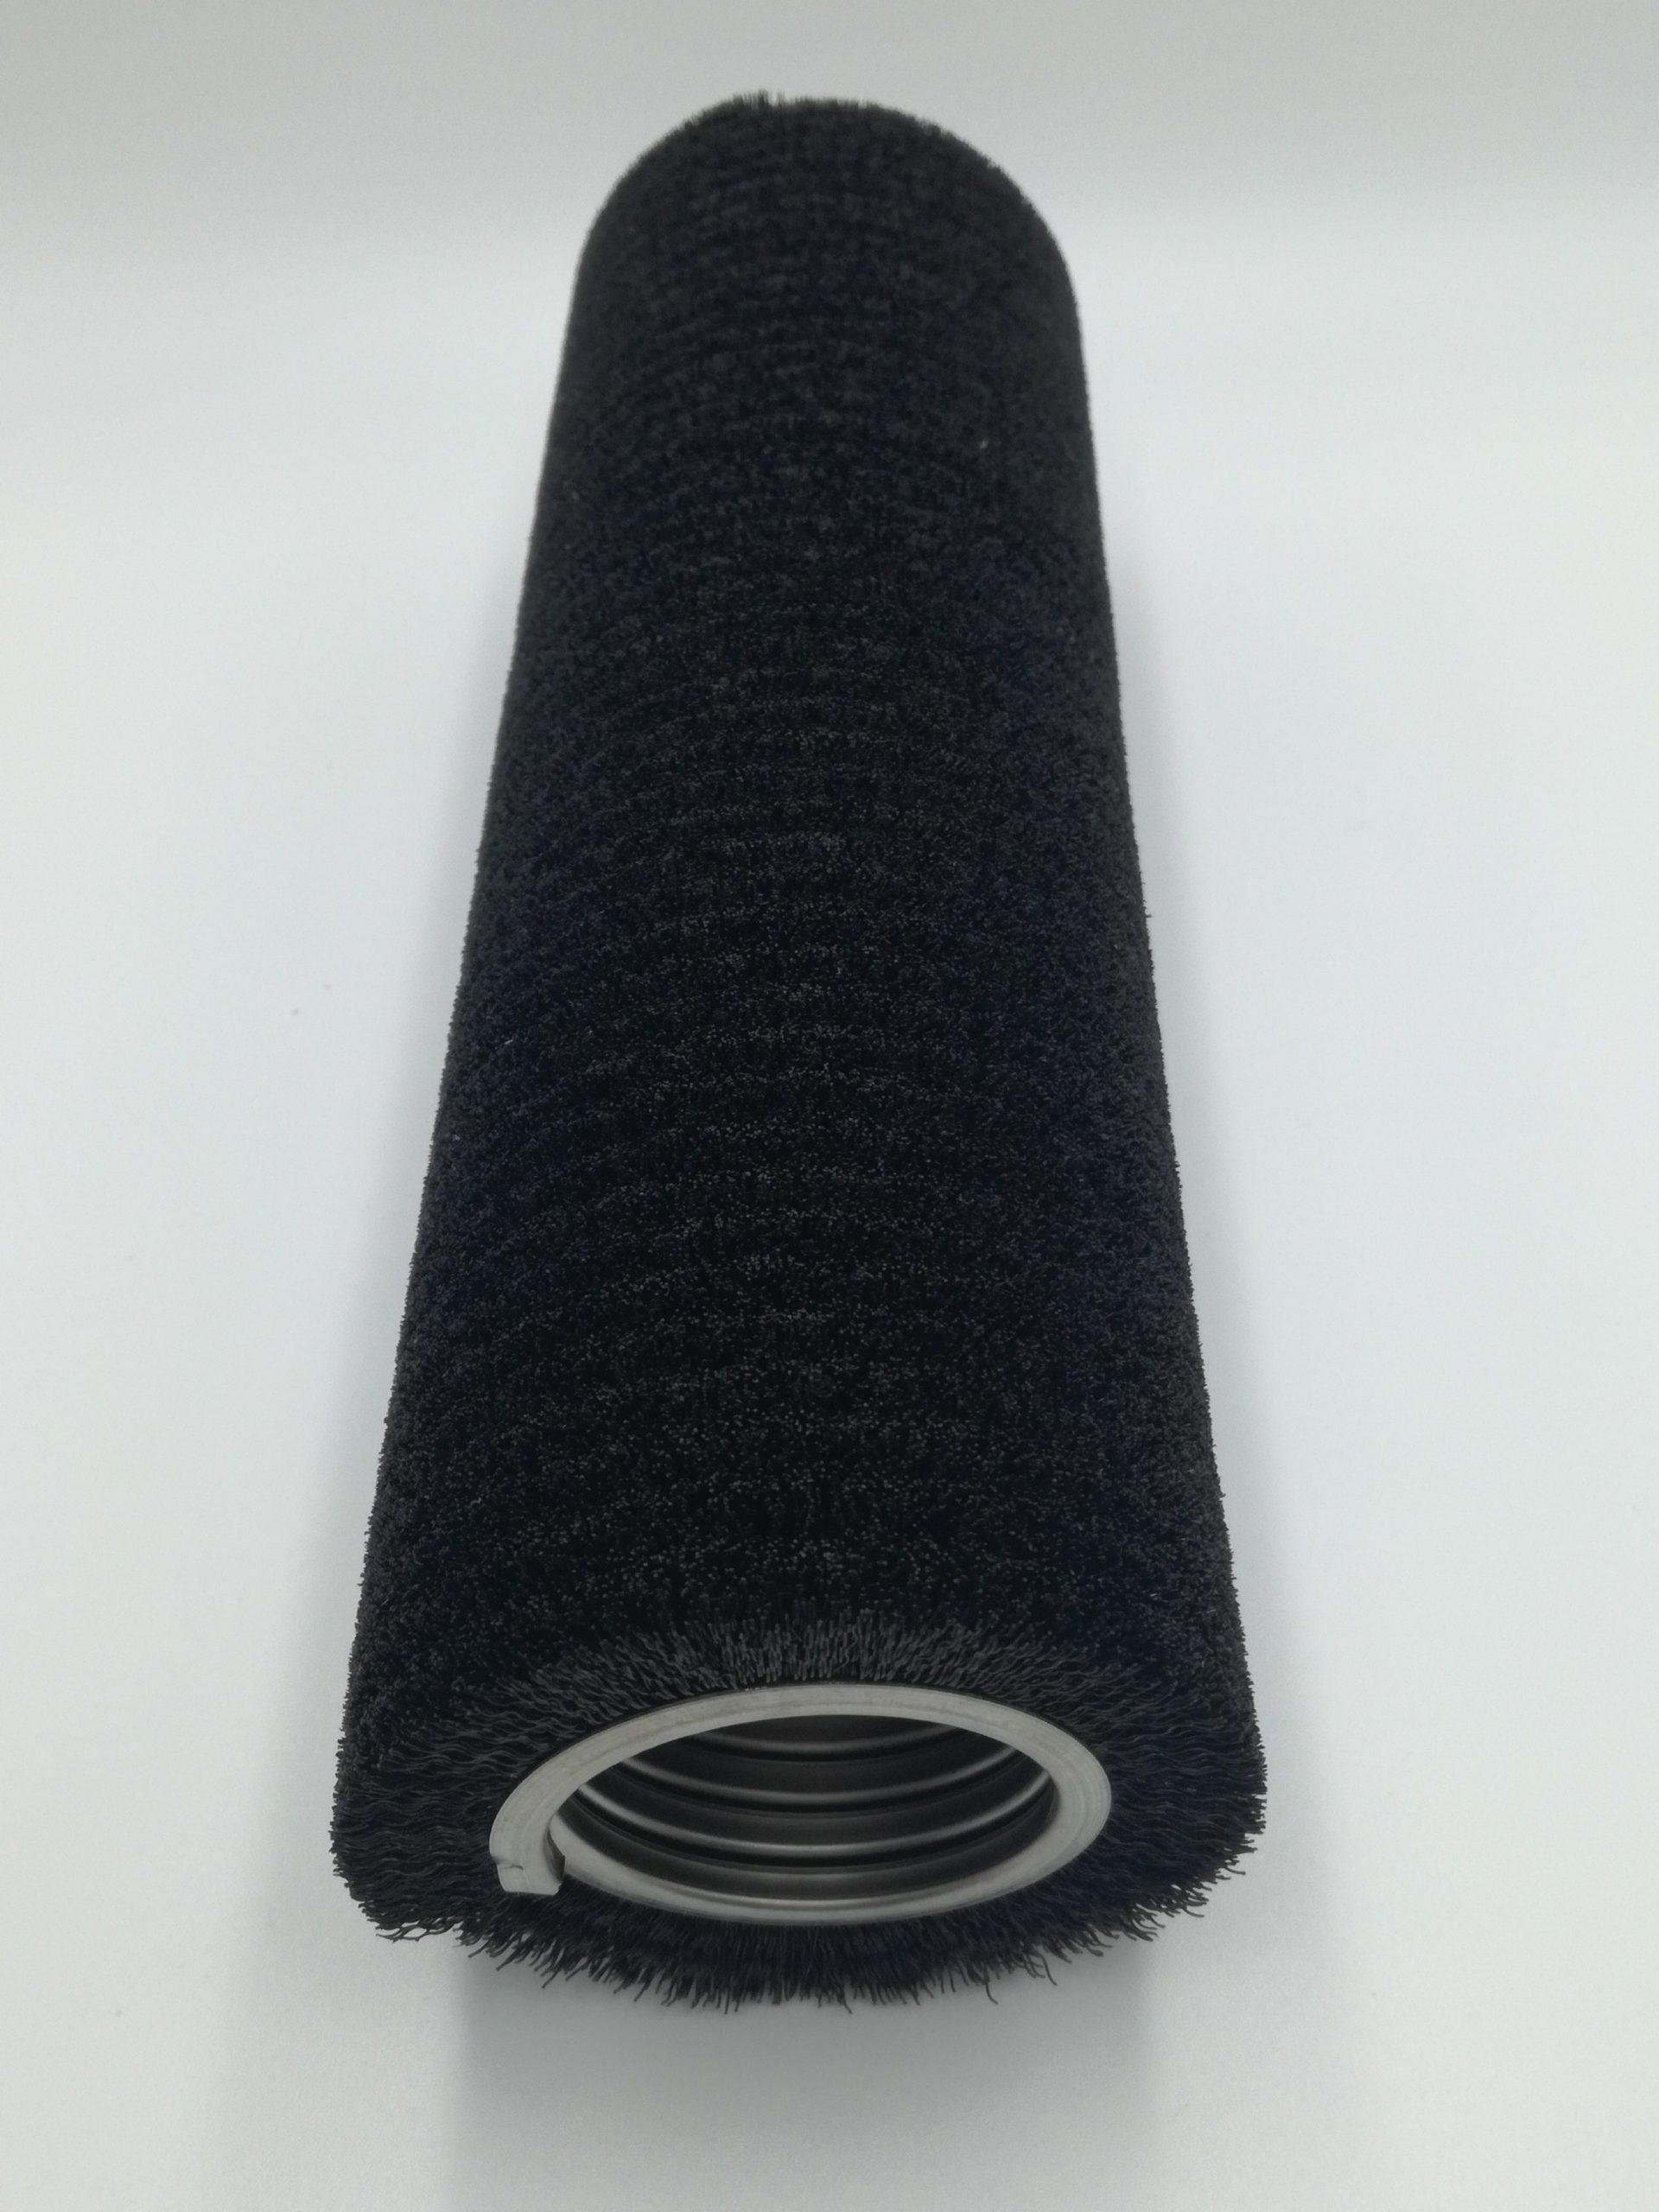 cepillo strip espiral helicoidal metálica fibra sintética